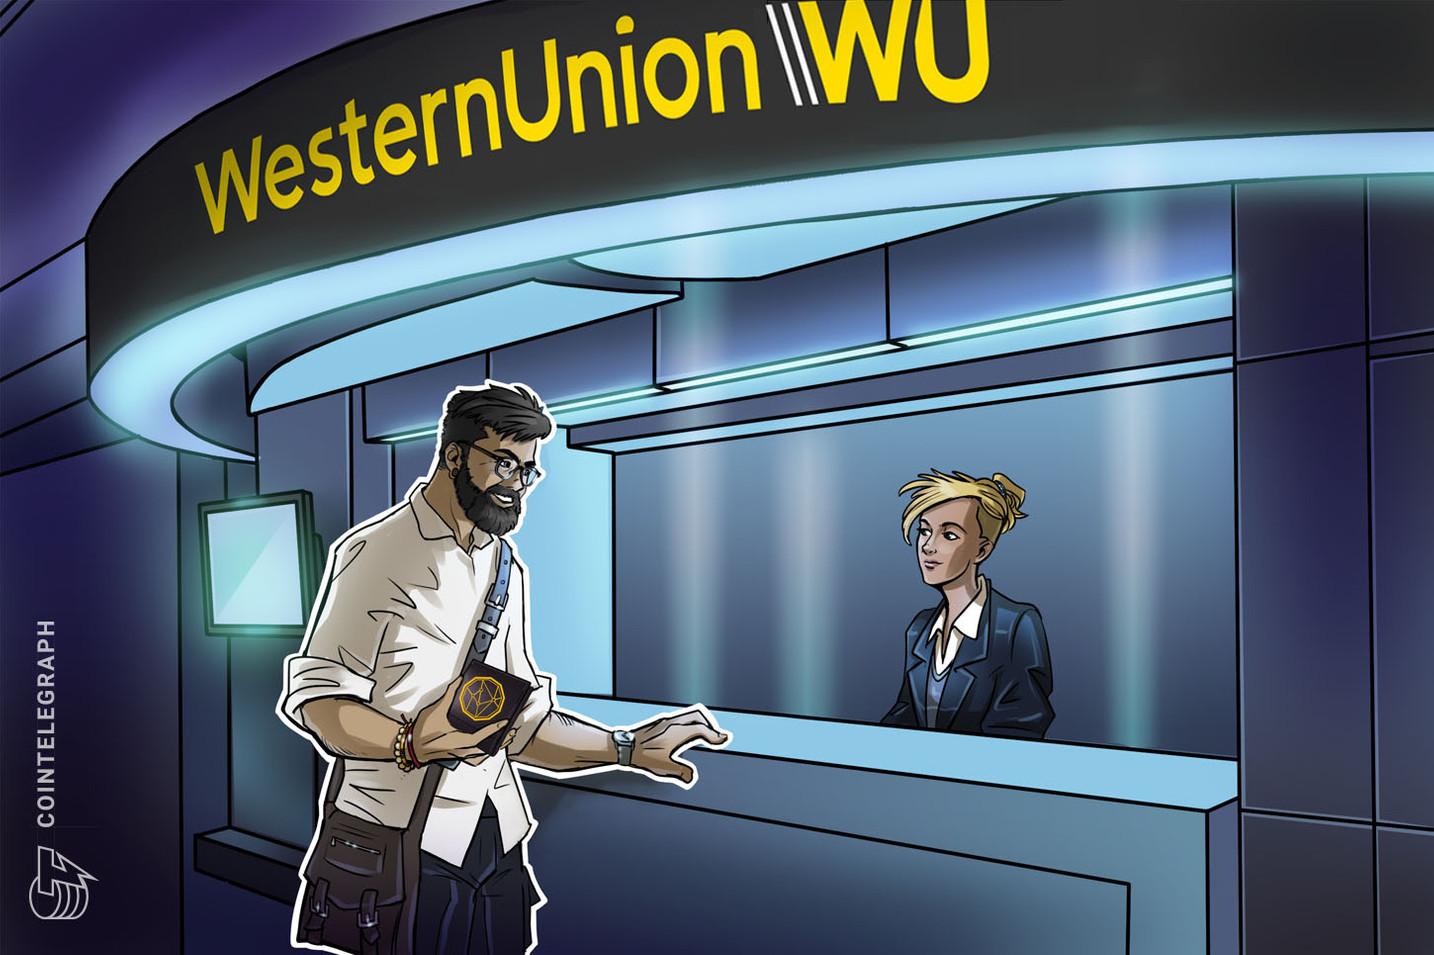 Western Union desembarca en España